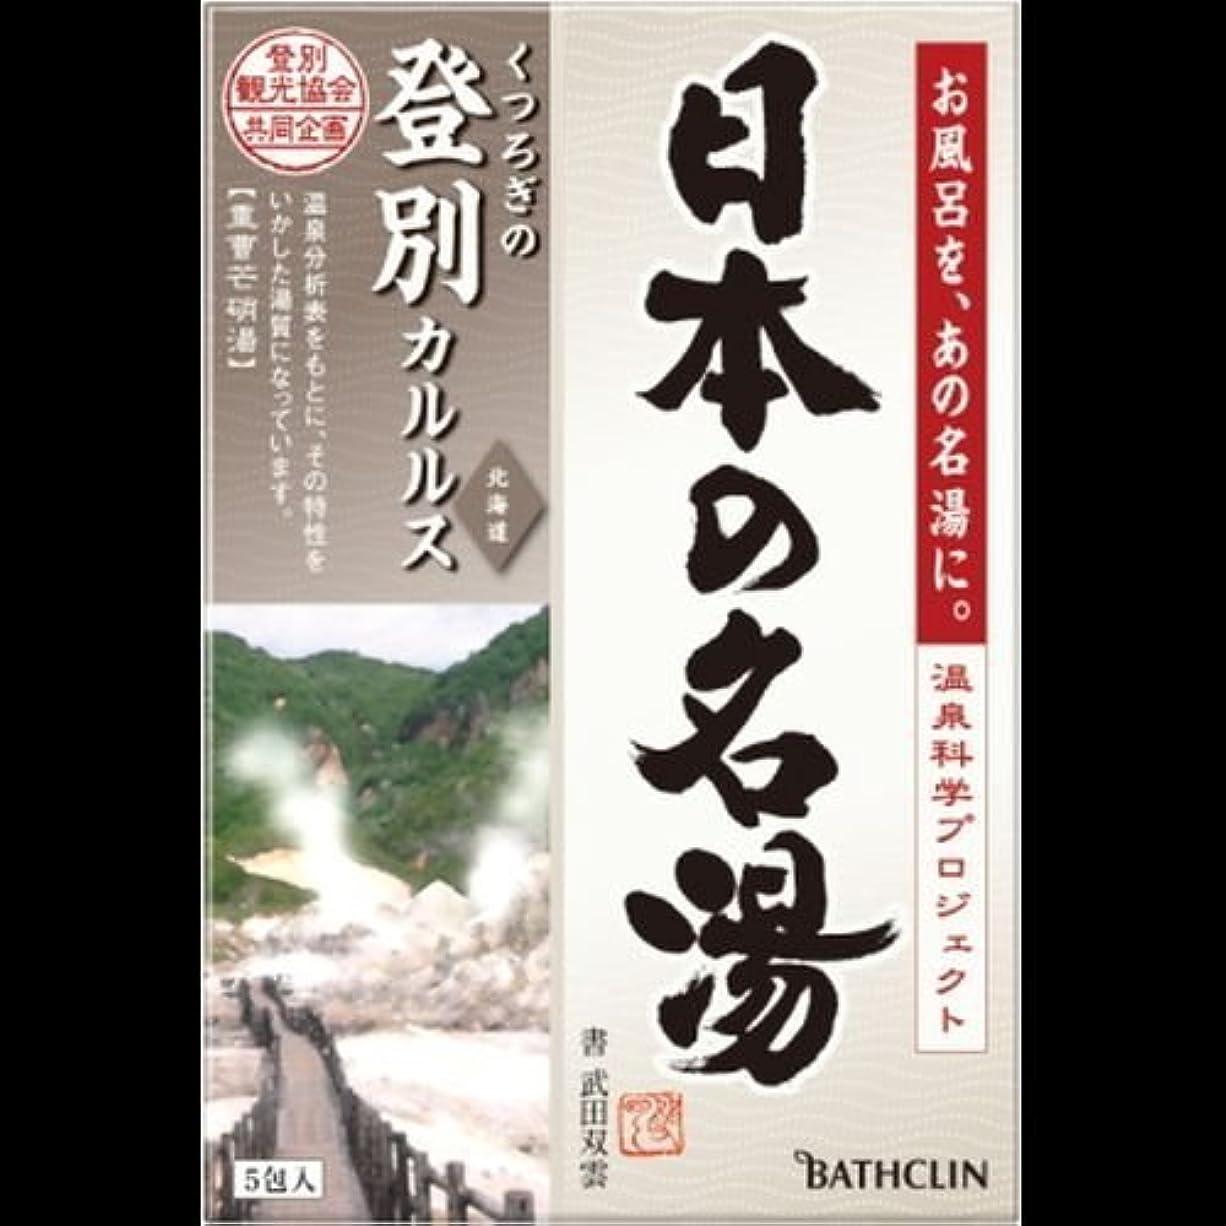 【まとめ買い】日本の名湯 登別カルルス 5包 ×2セット